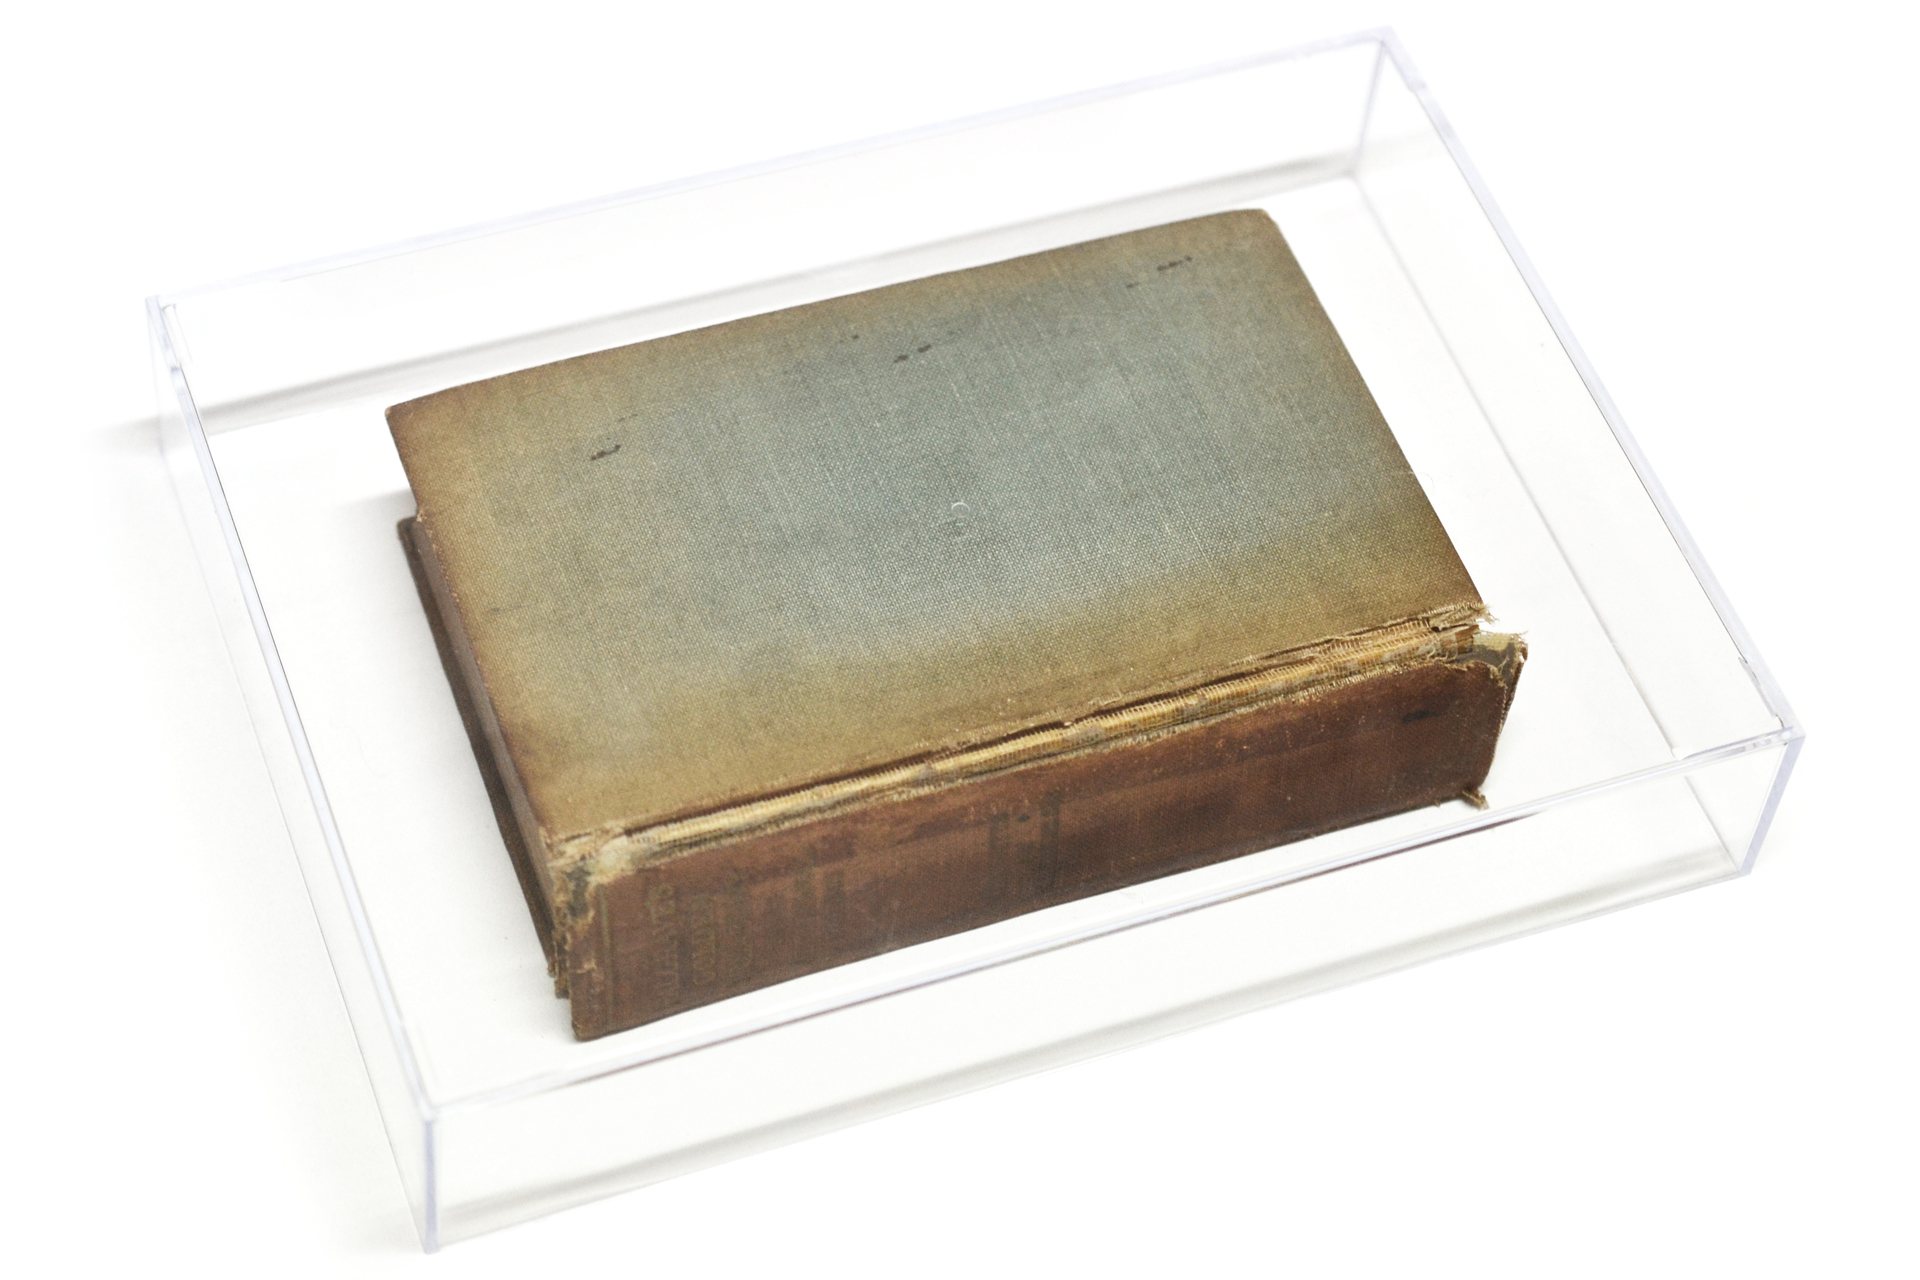 古い本にクリアケースをかぶせたディスプレイ